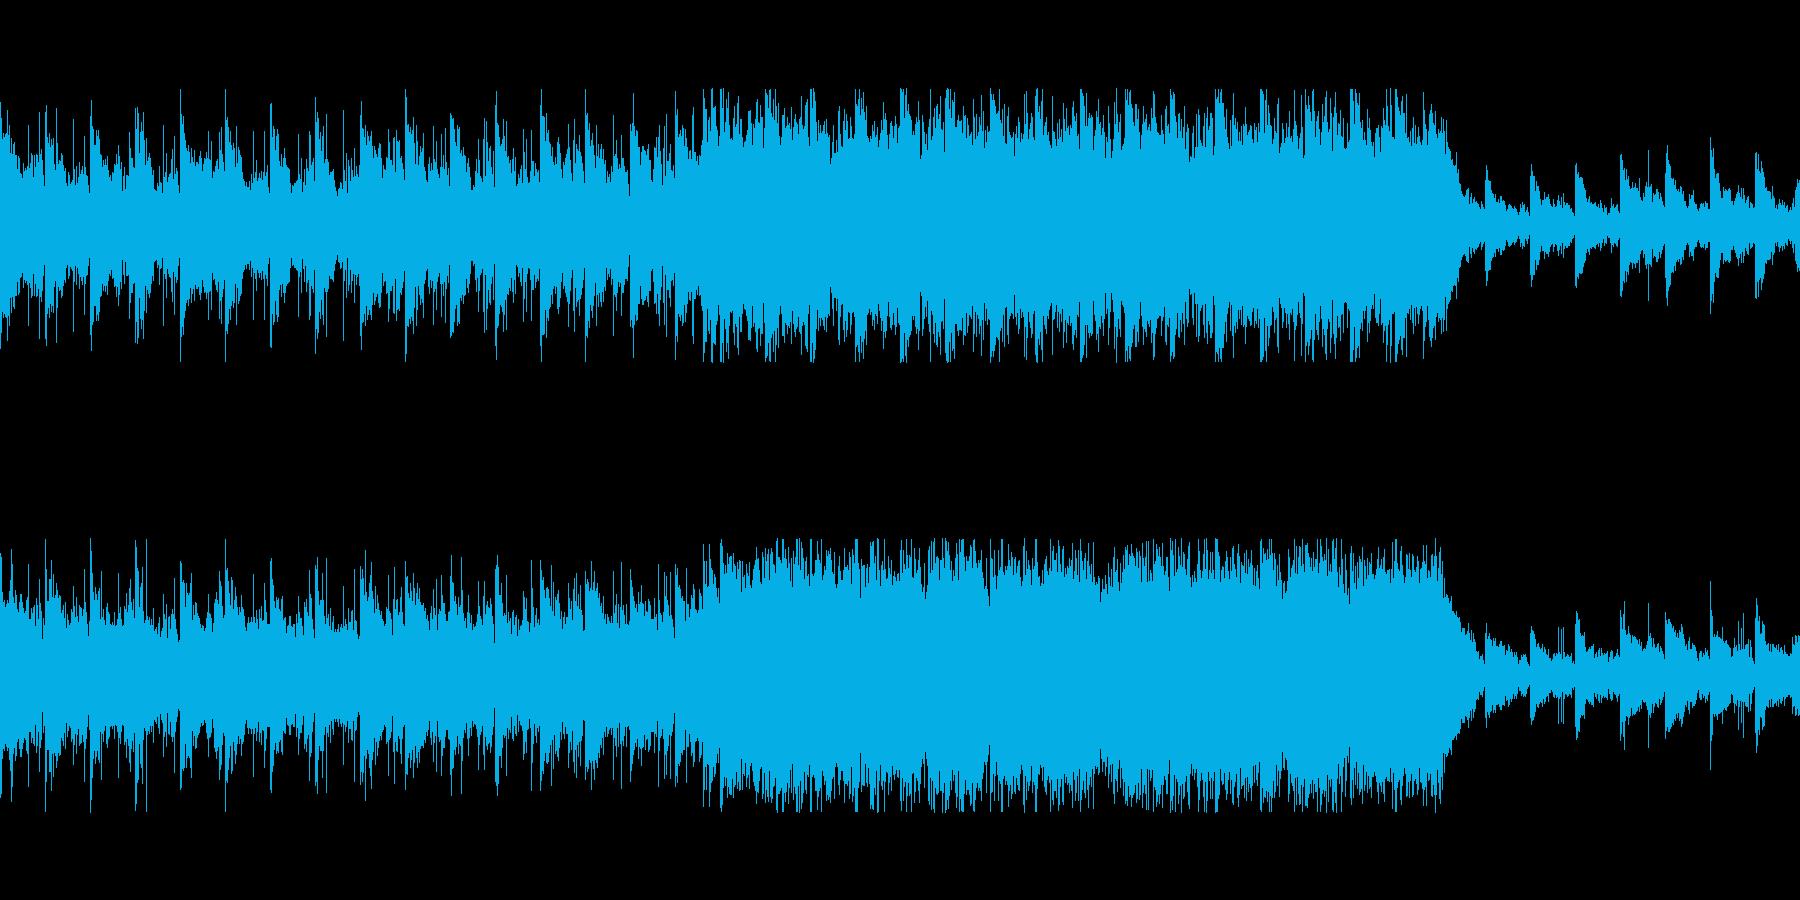 勝利を期待させる壮大オーケストラ/ループの再生済みの波形